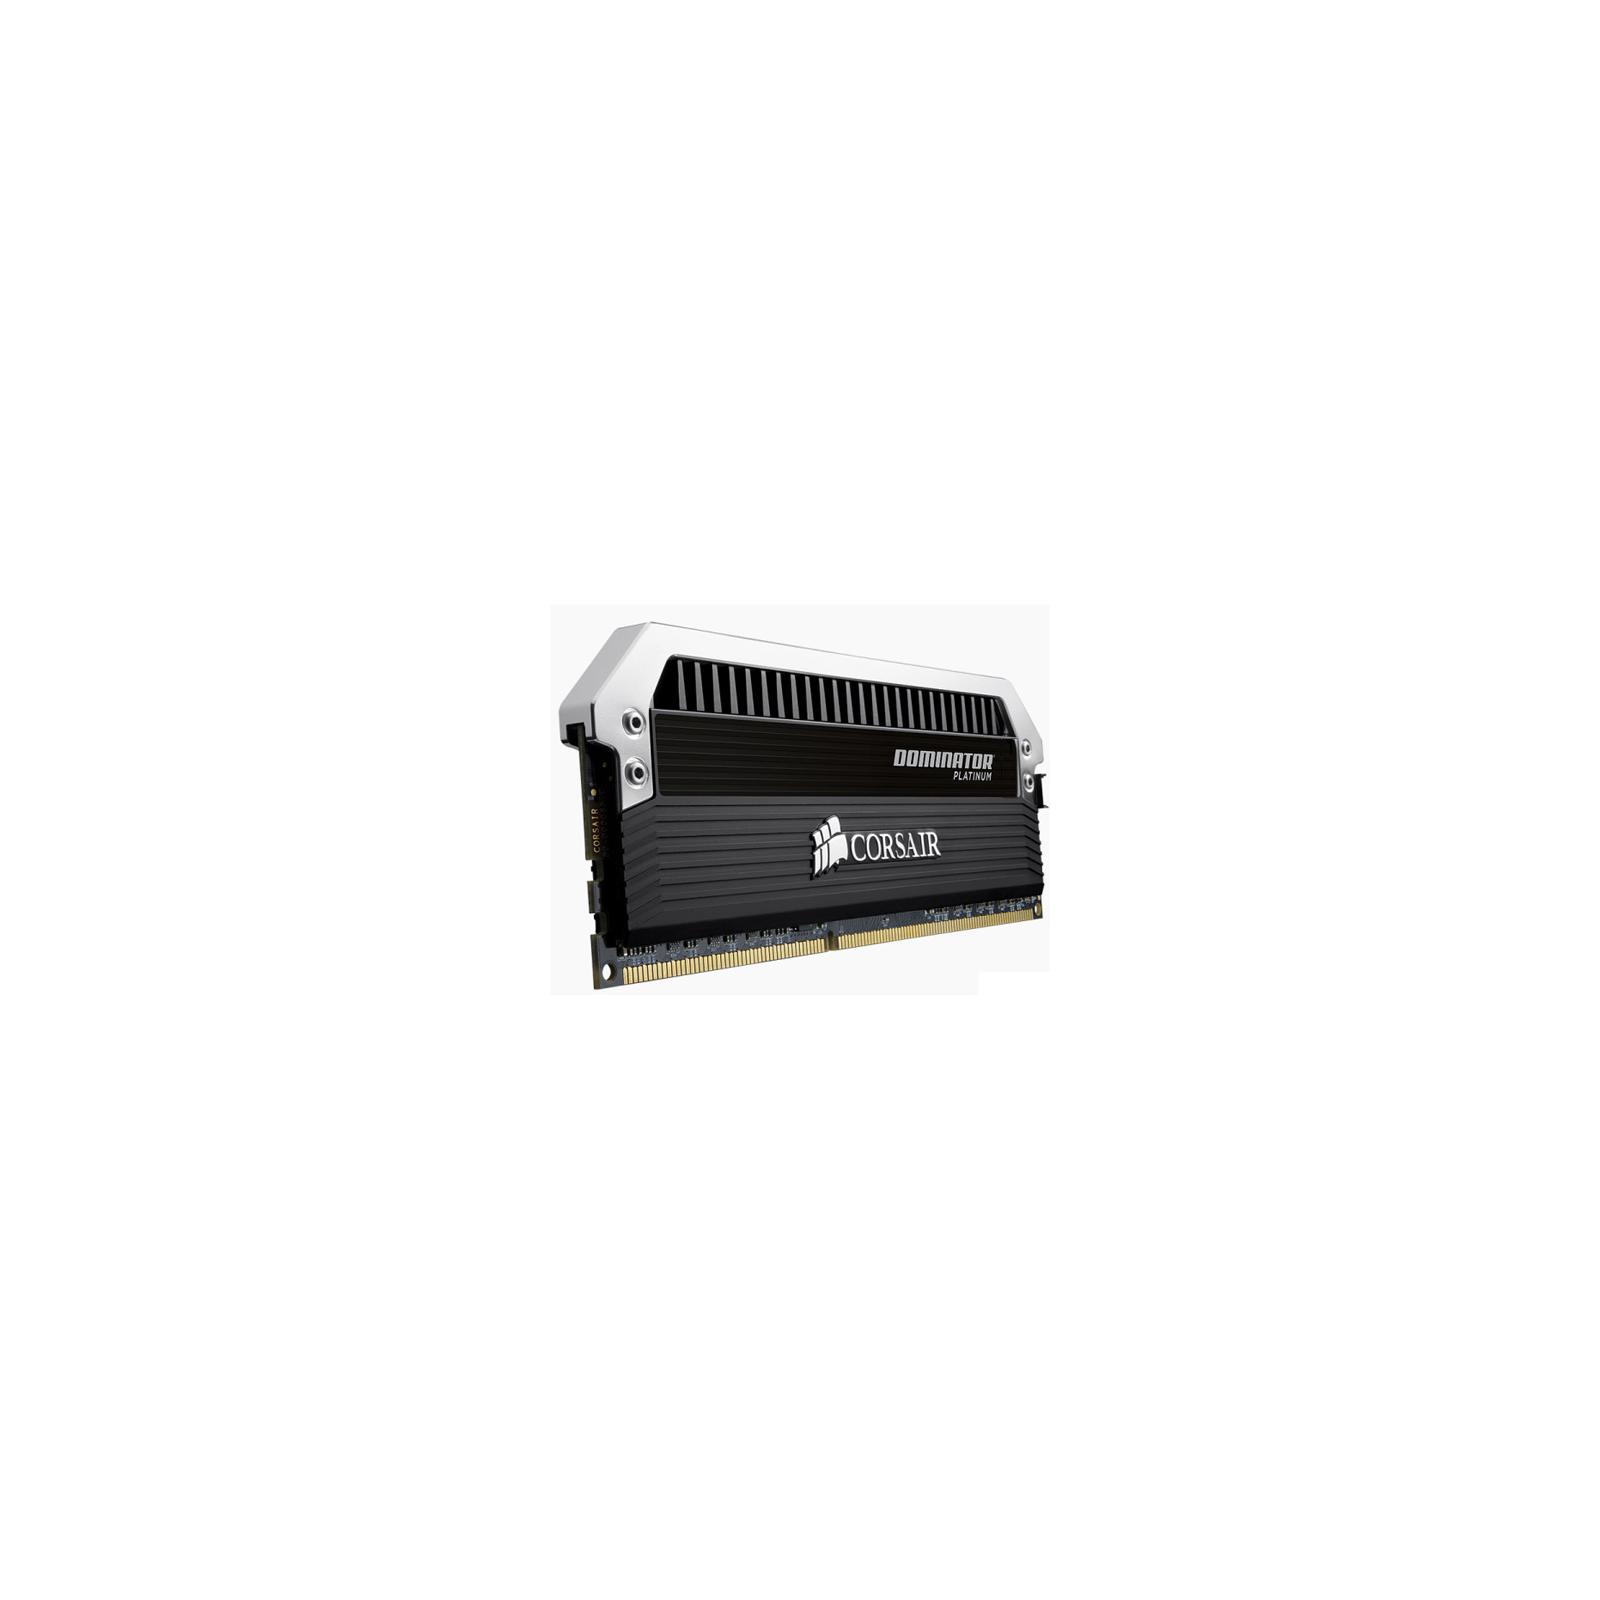 Модуль памяти для компьютера DDR3 16GB (2x8GB) 2400 MHz CORSAIR (CMD16GX3M2A2400C10) изображение 3